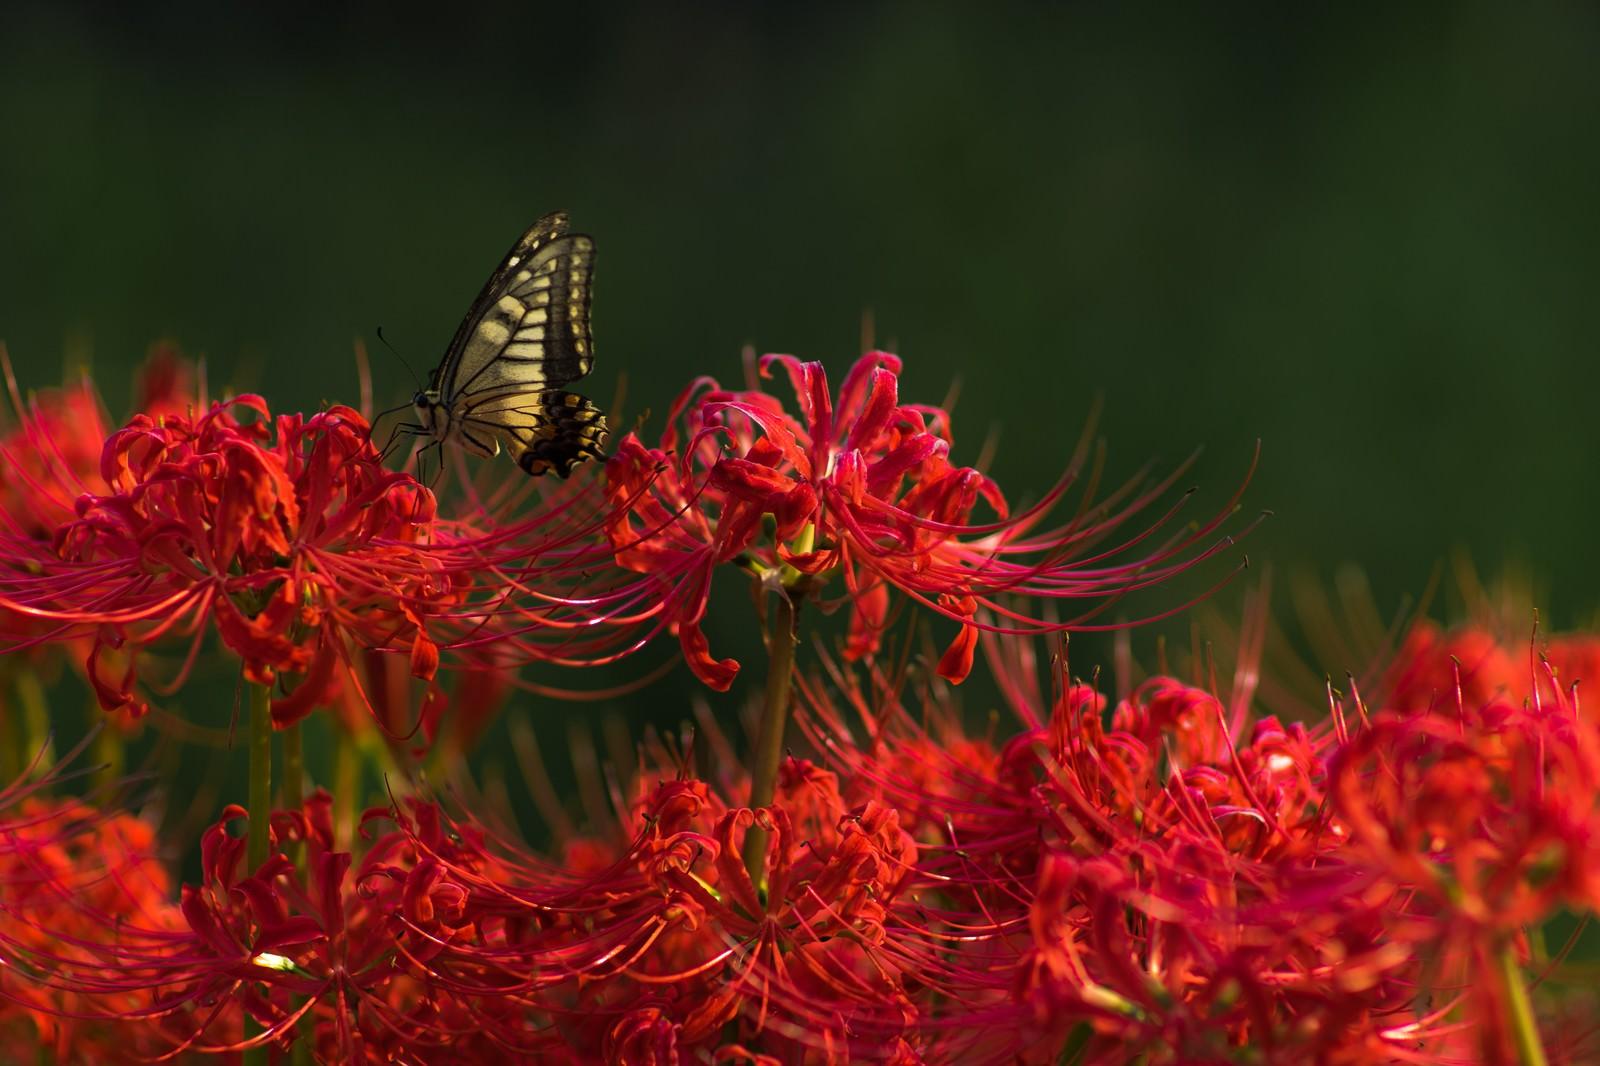 「曼珠沙華の蜜を吸う揚羽蝶」の写真